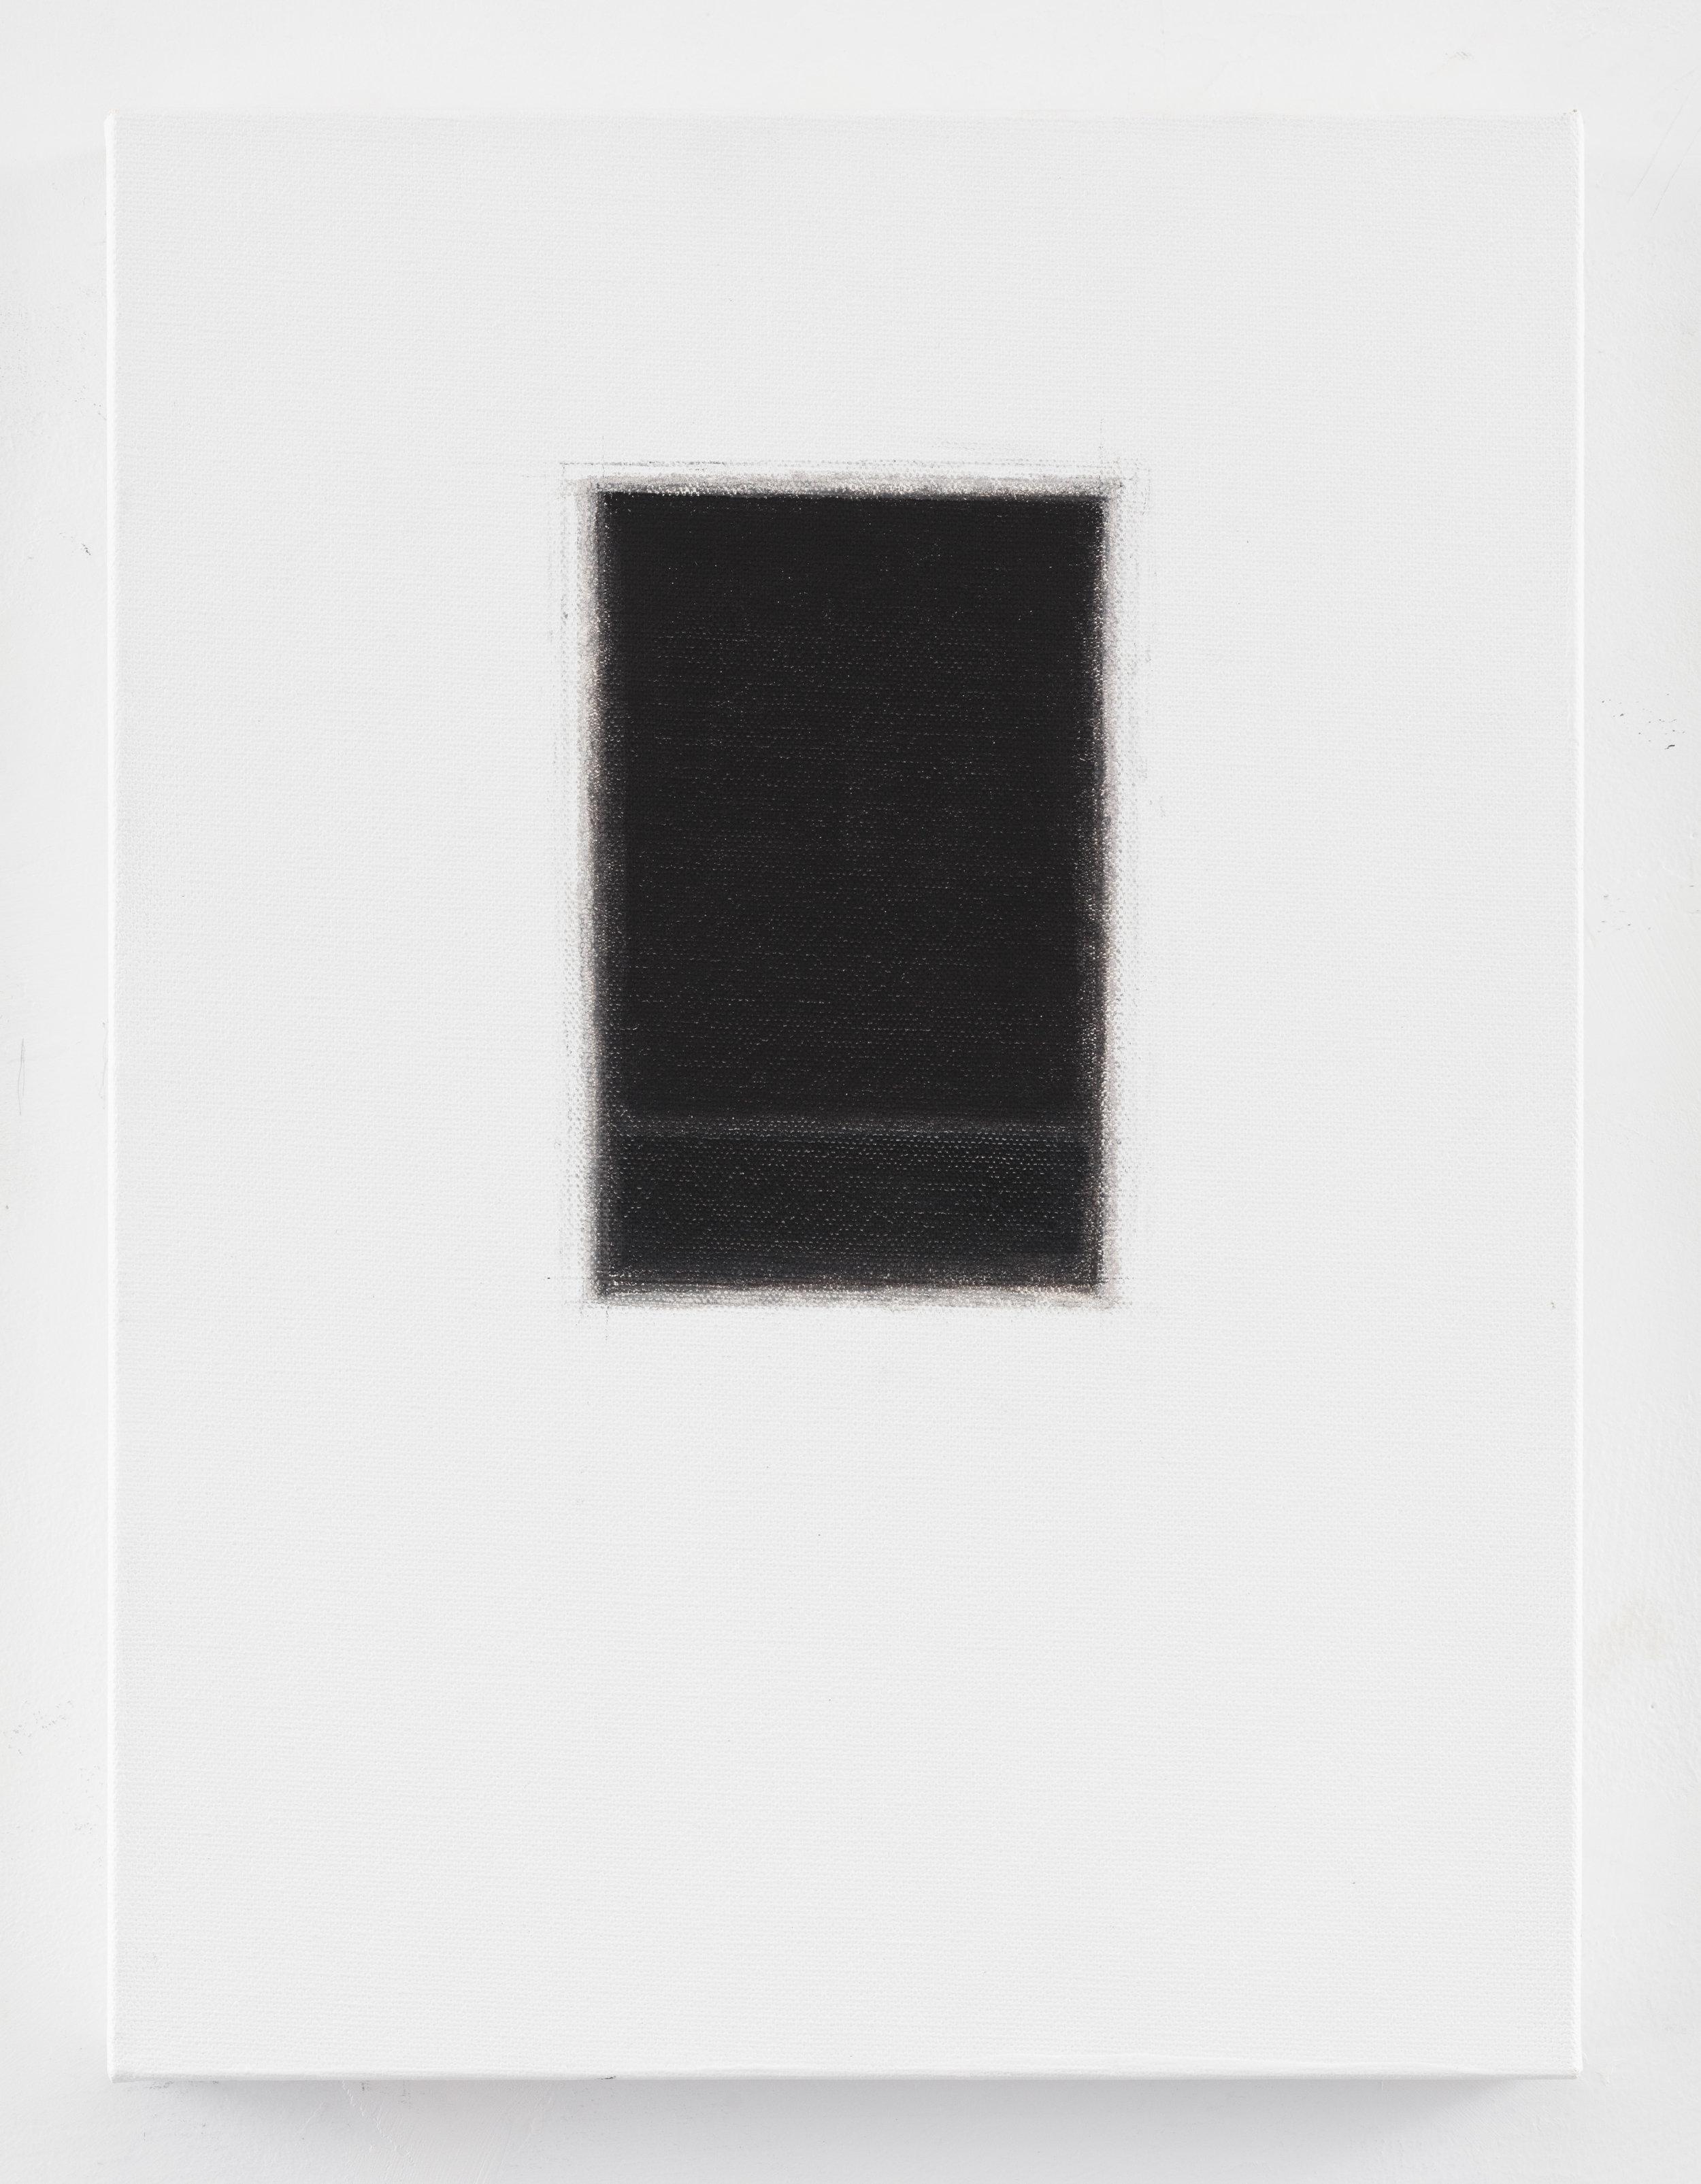 Rothko's window II